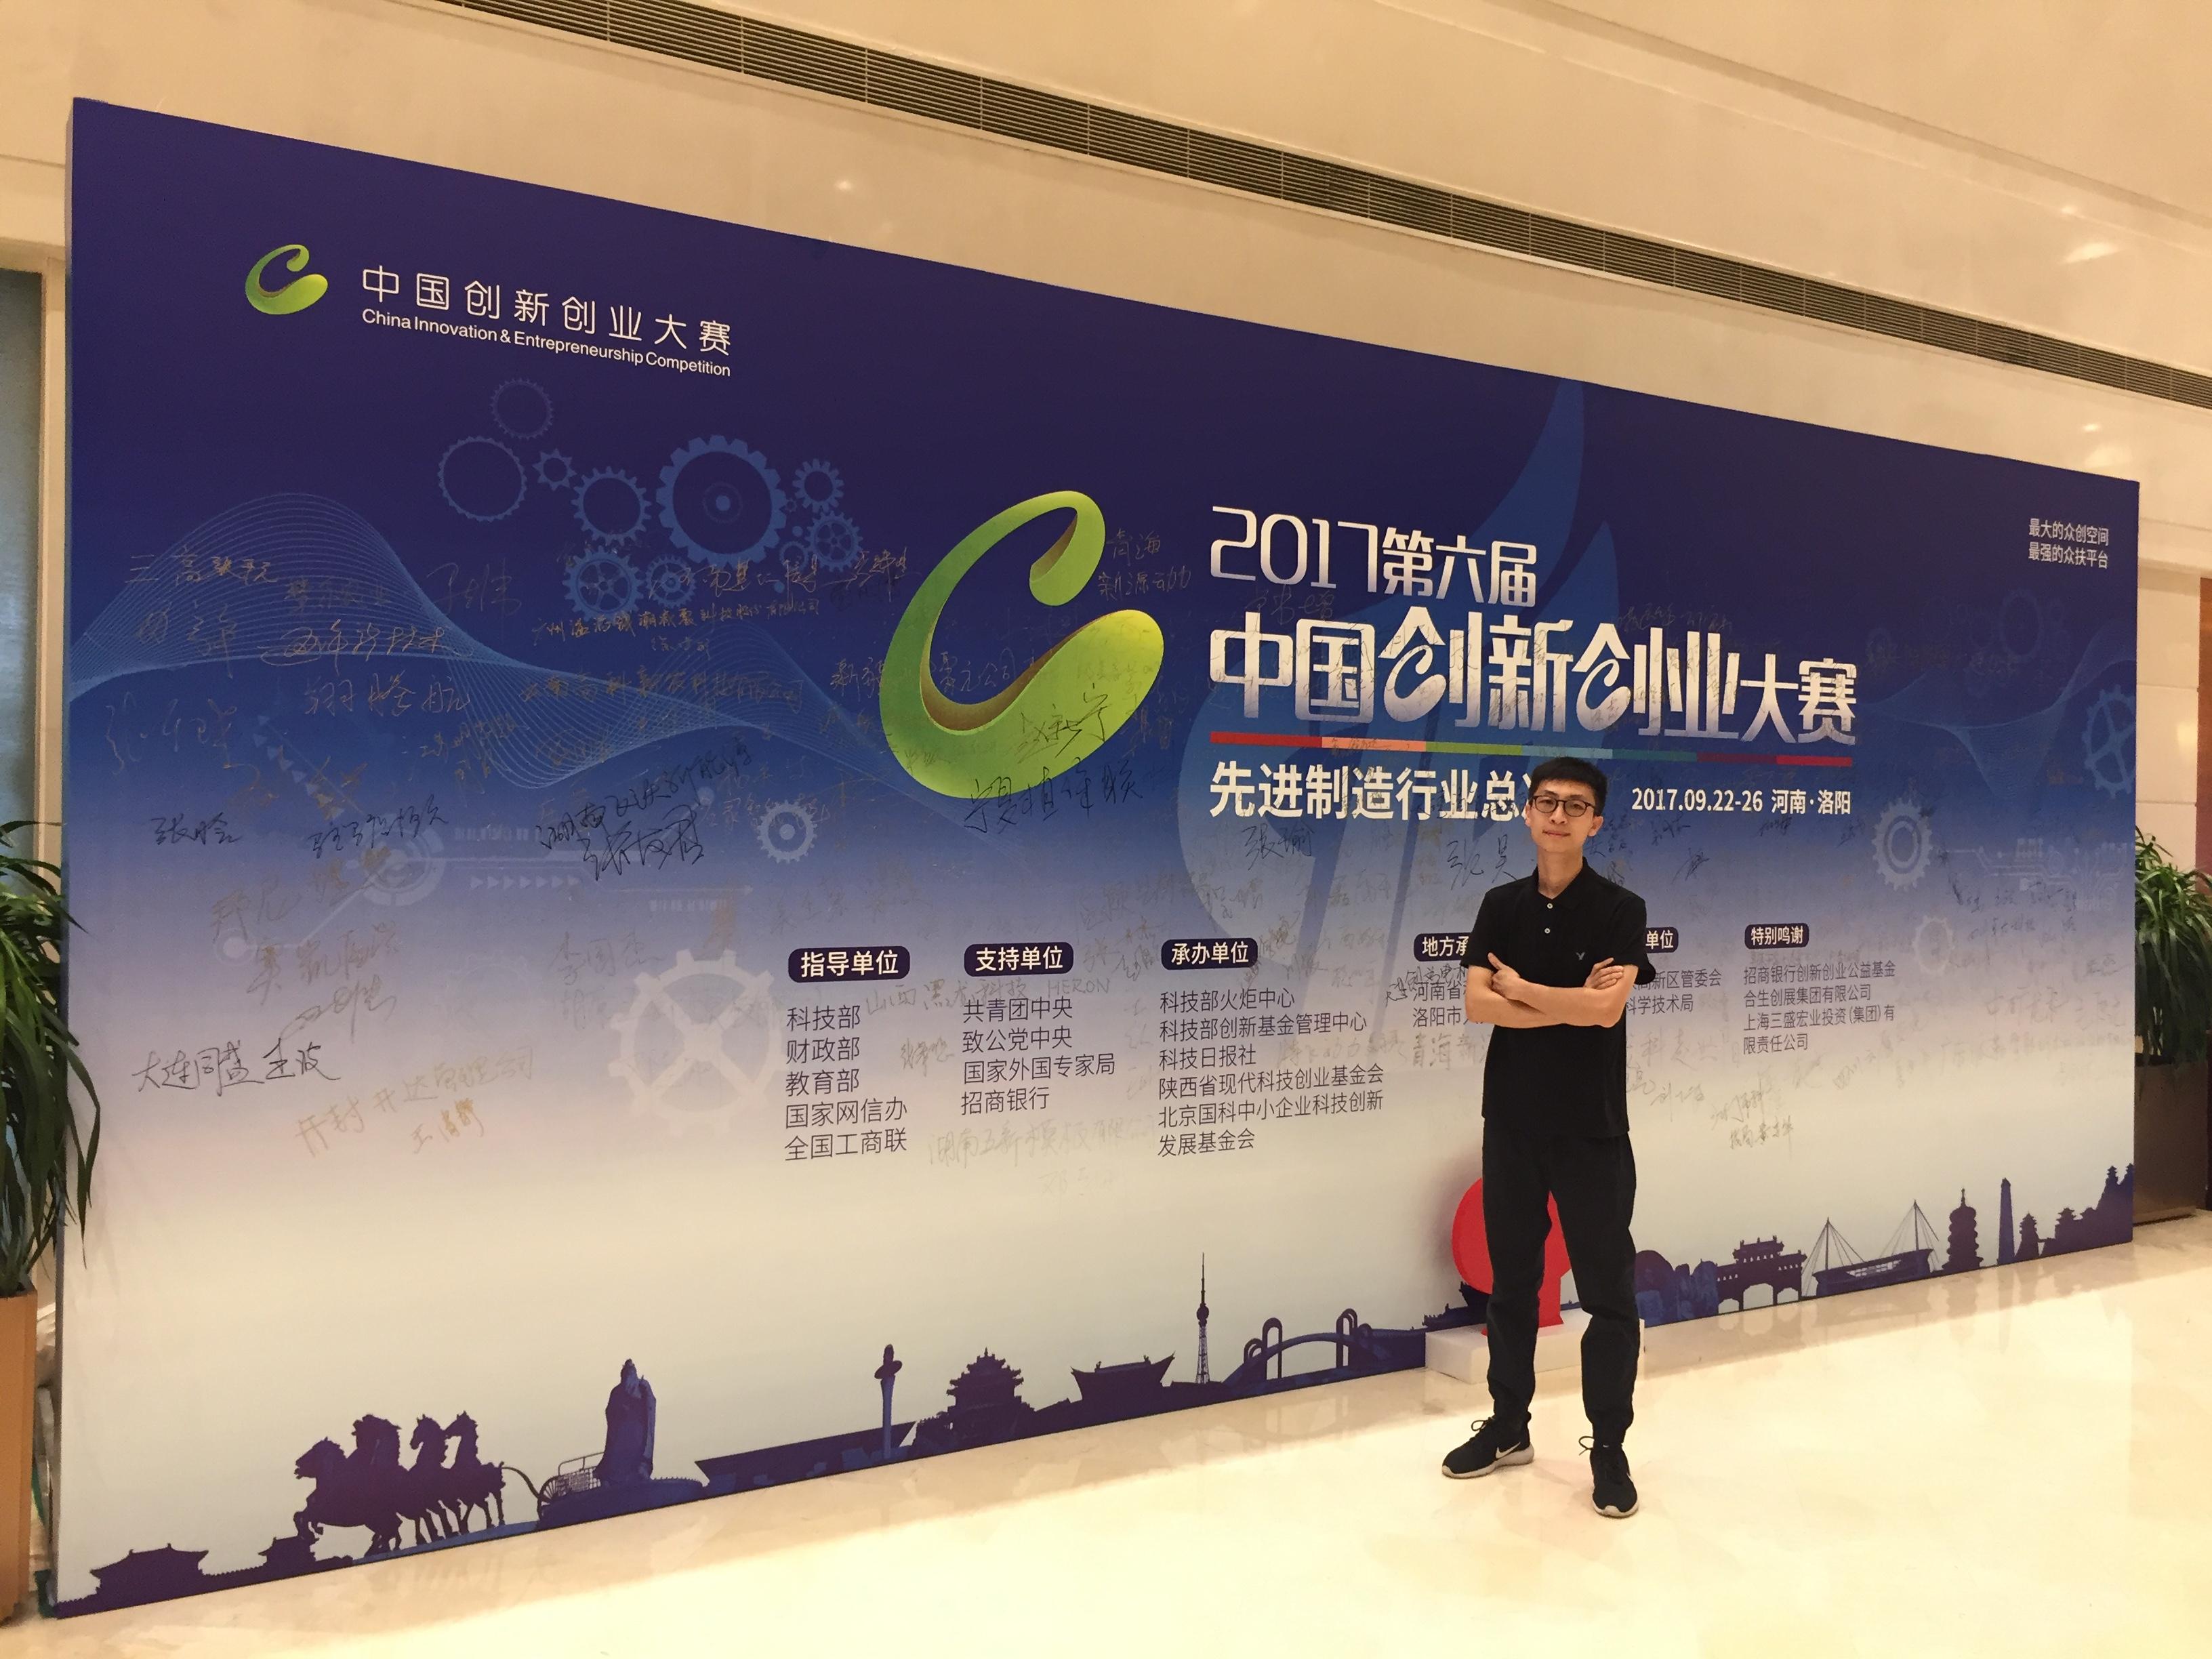 """清智荣获2017年中国创新创业大赛""""初创组优秀企业""""称号"""